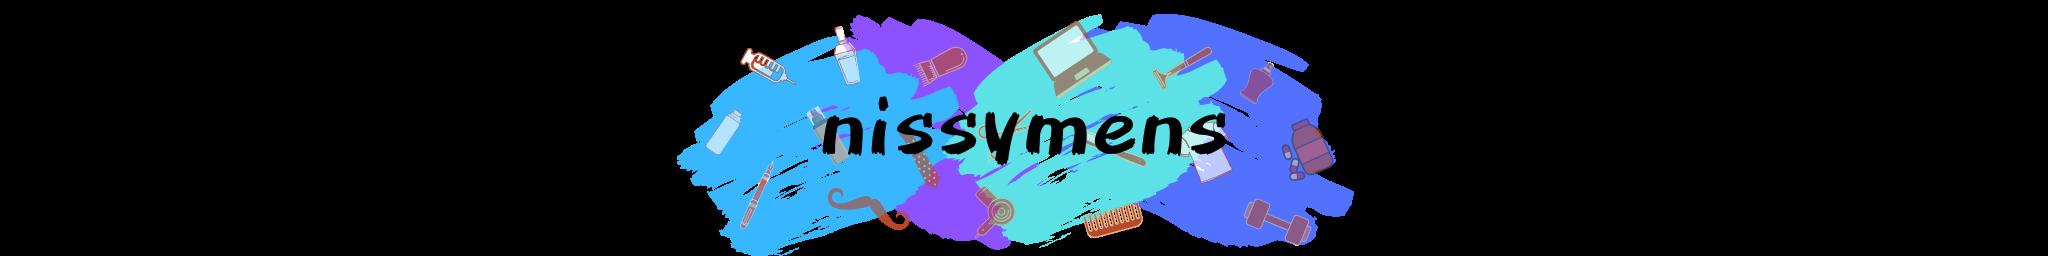 nissymens